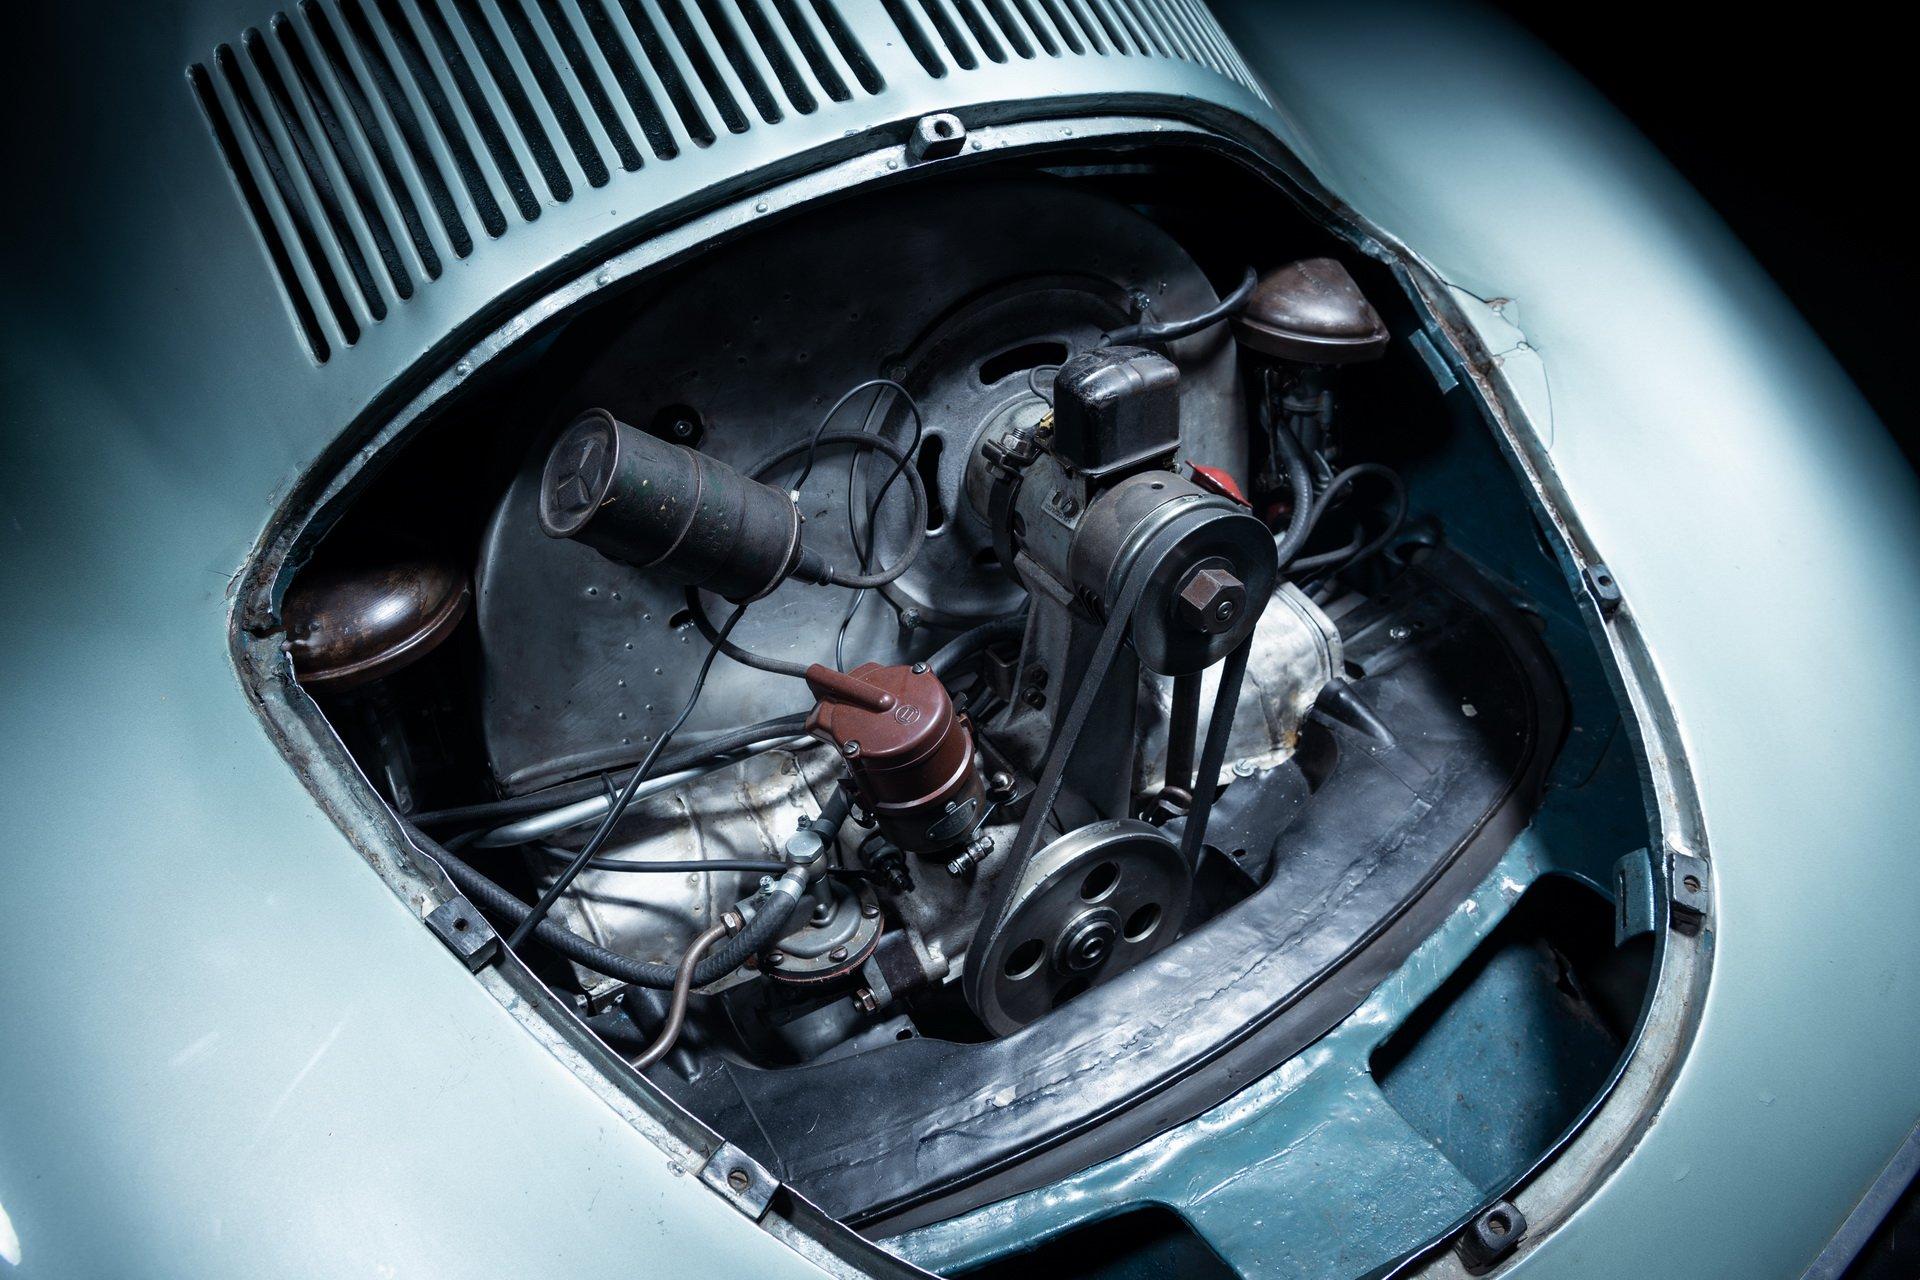 Porsche-Type-64-1939-4